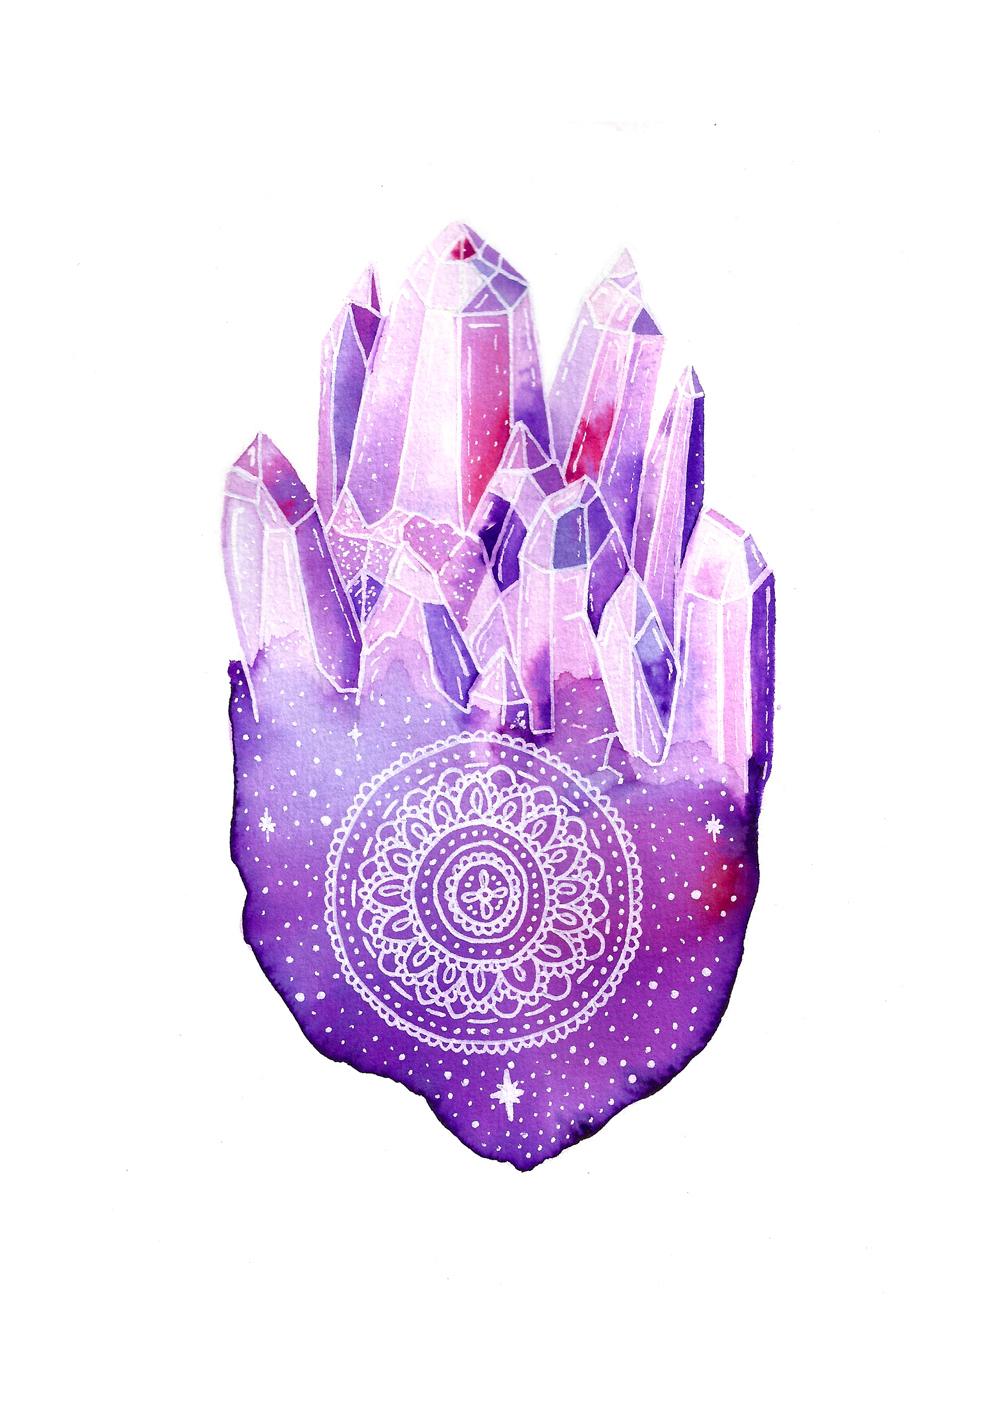 Crystal cluster mandala by leuro.com.au